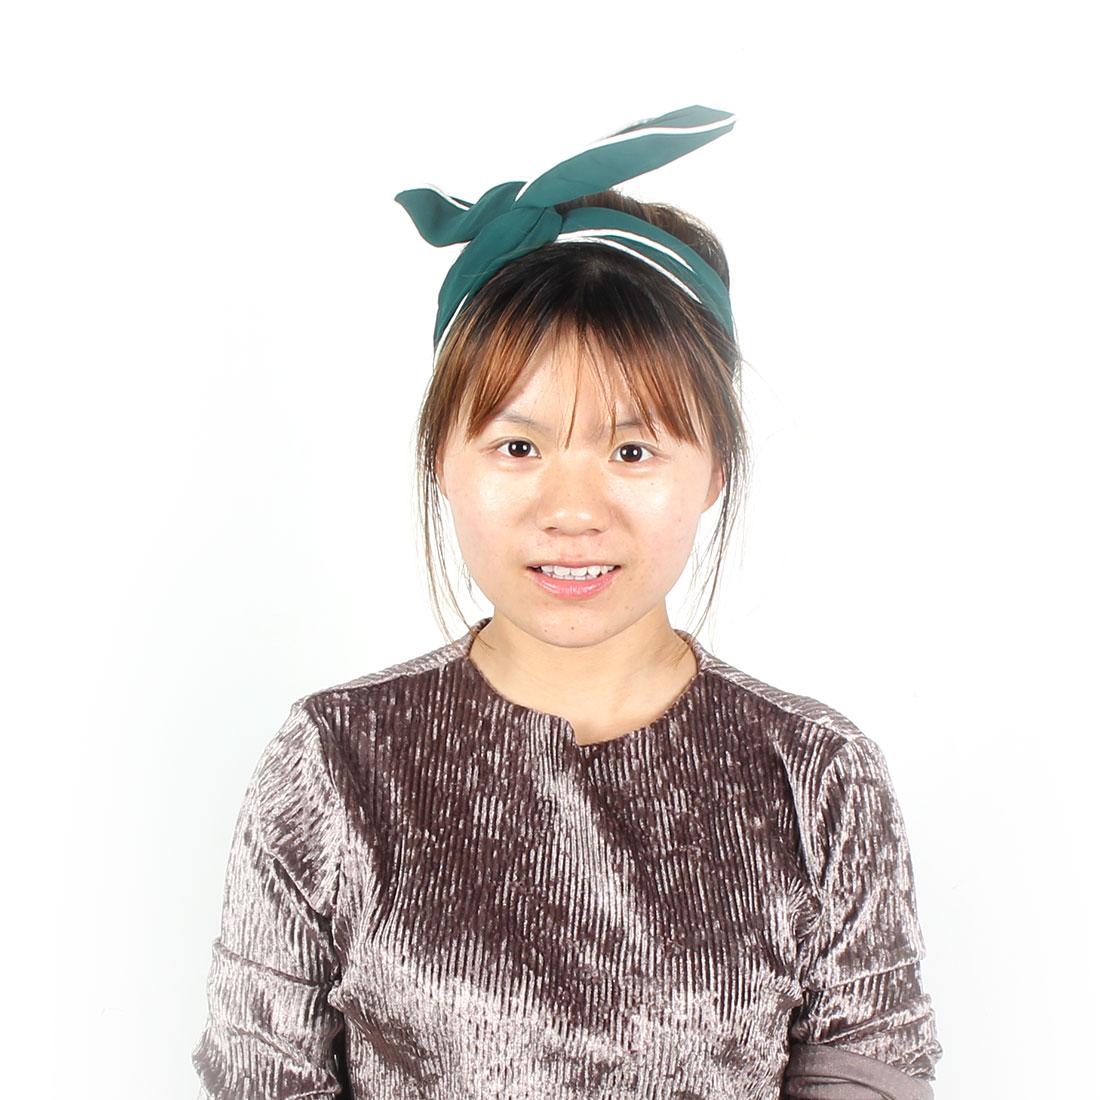 Twist Wired Adjustable Hairdressing Headband Hairband Hair Scraf Dark Green